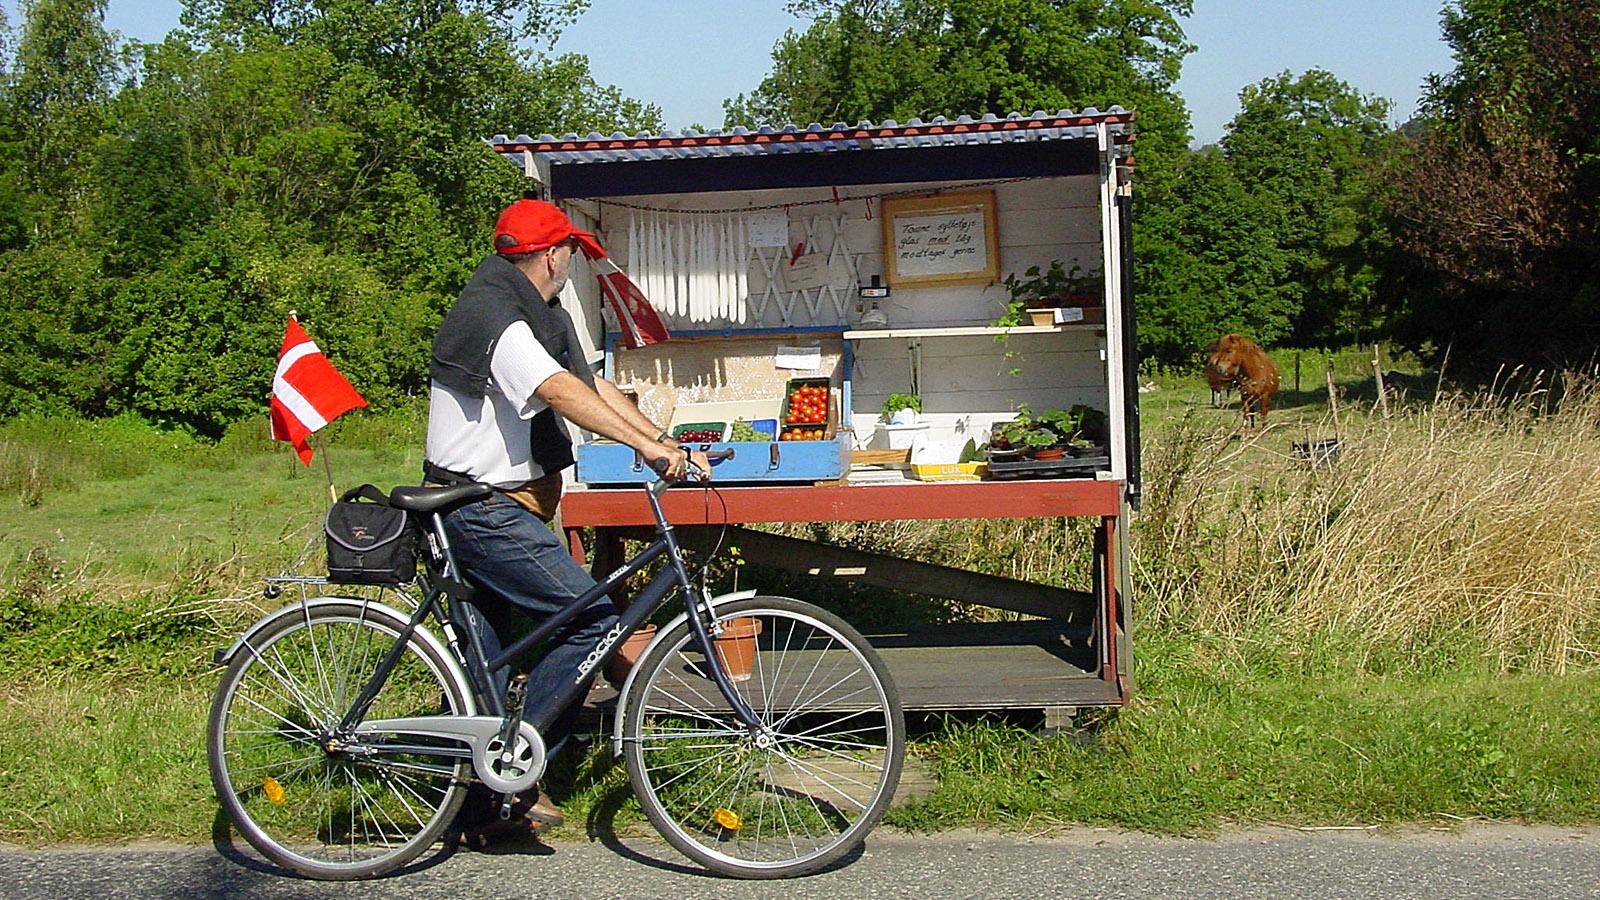 Per Rad entdeckt: Verkaufsstand am Wegesrand. Foto: Hilke Maunder